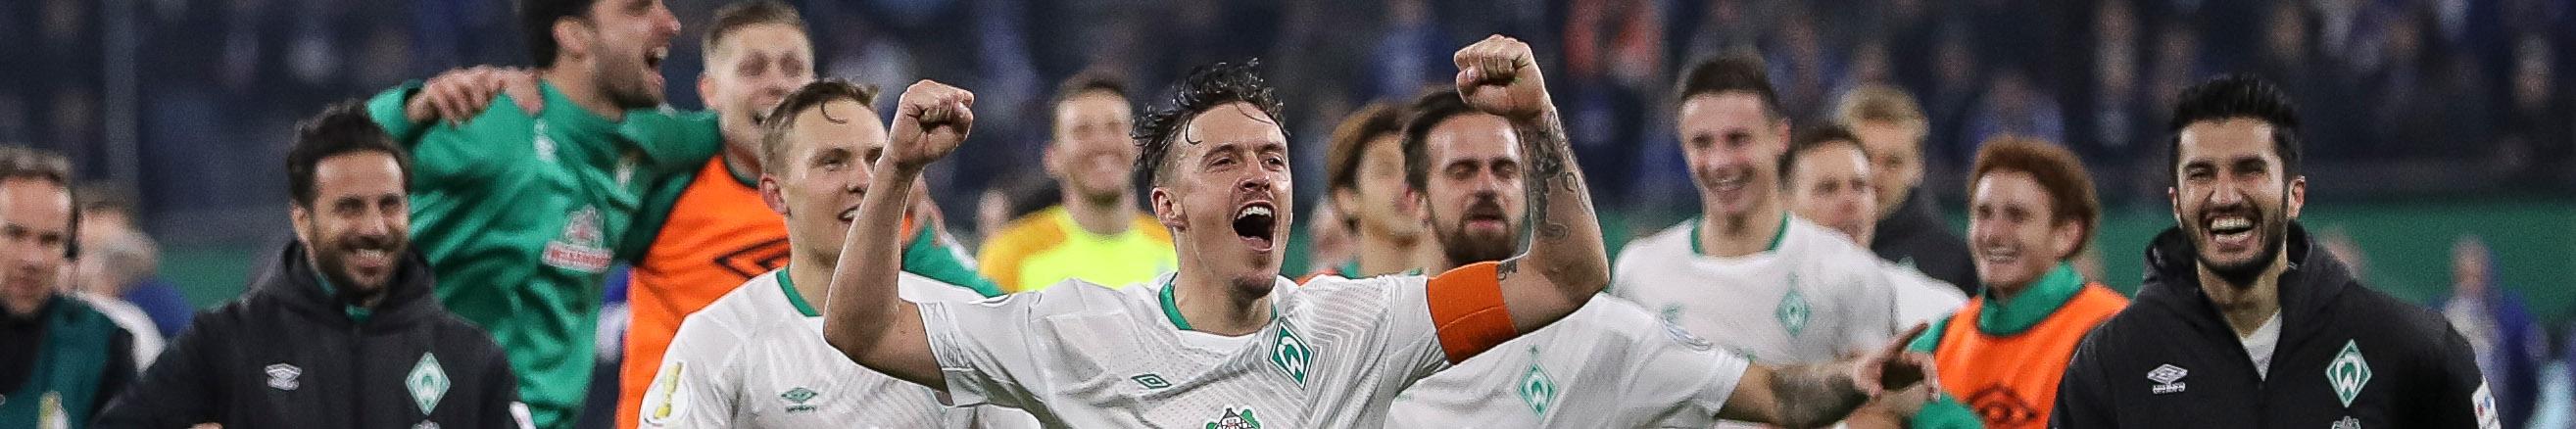 Werder Bremen - FC Bayern: Ein Pokal-Klassiker lebt wieder auf